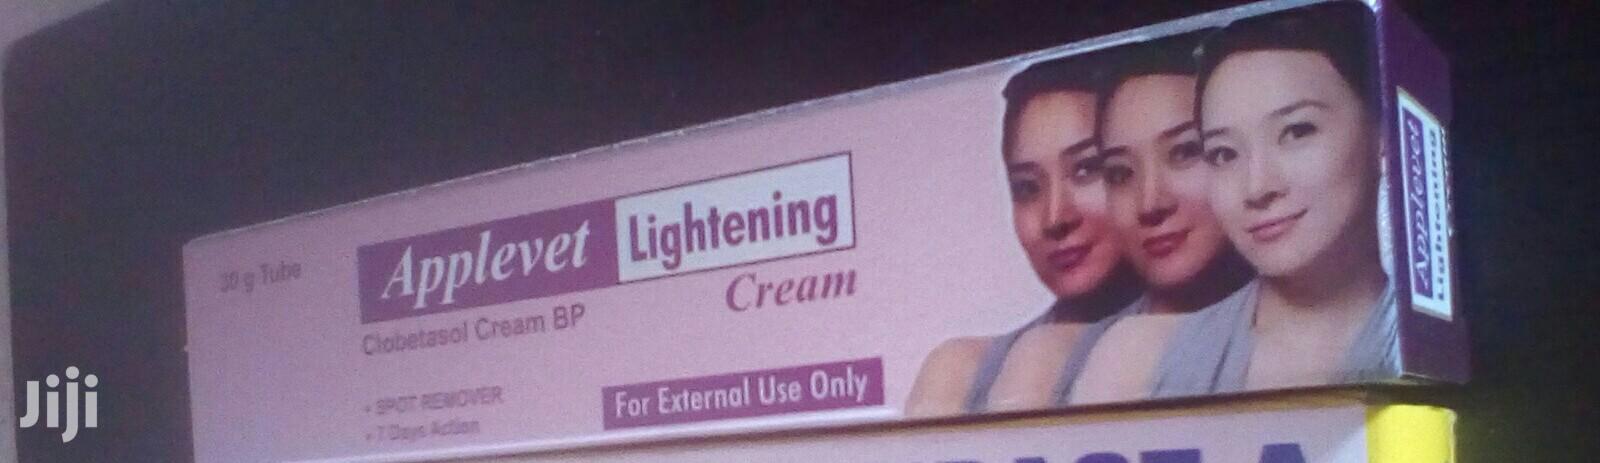 Applevet Tube Cream